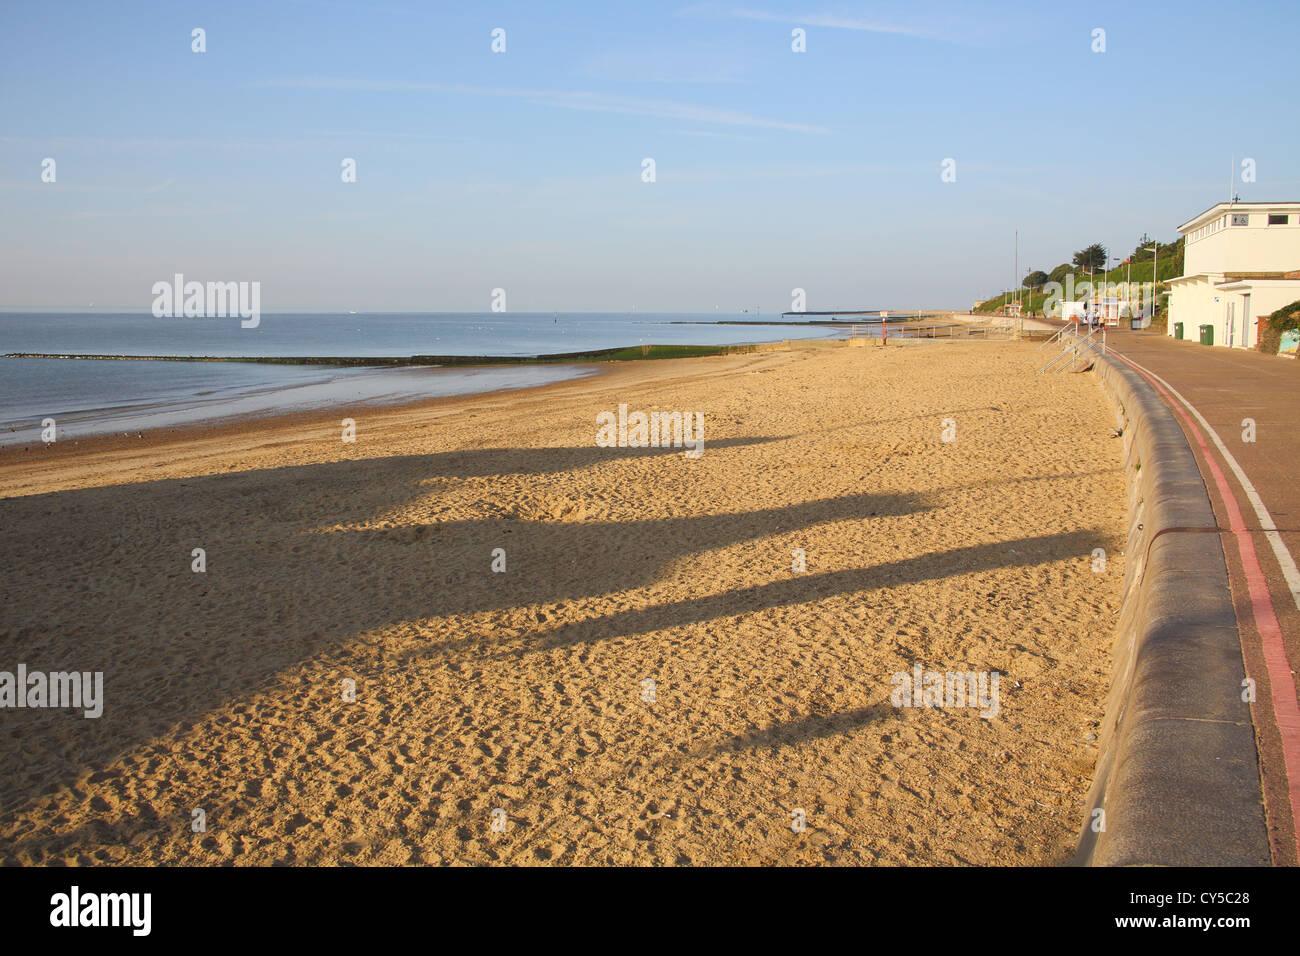 clacton on sea on the essex coast - Stock Image